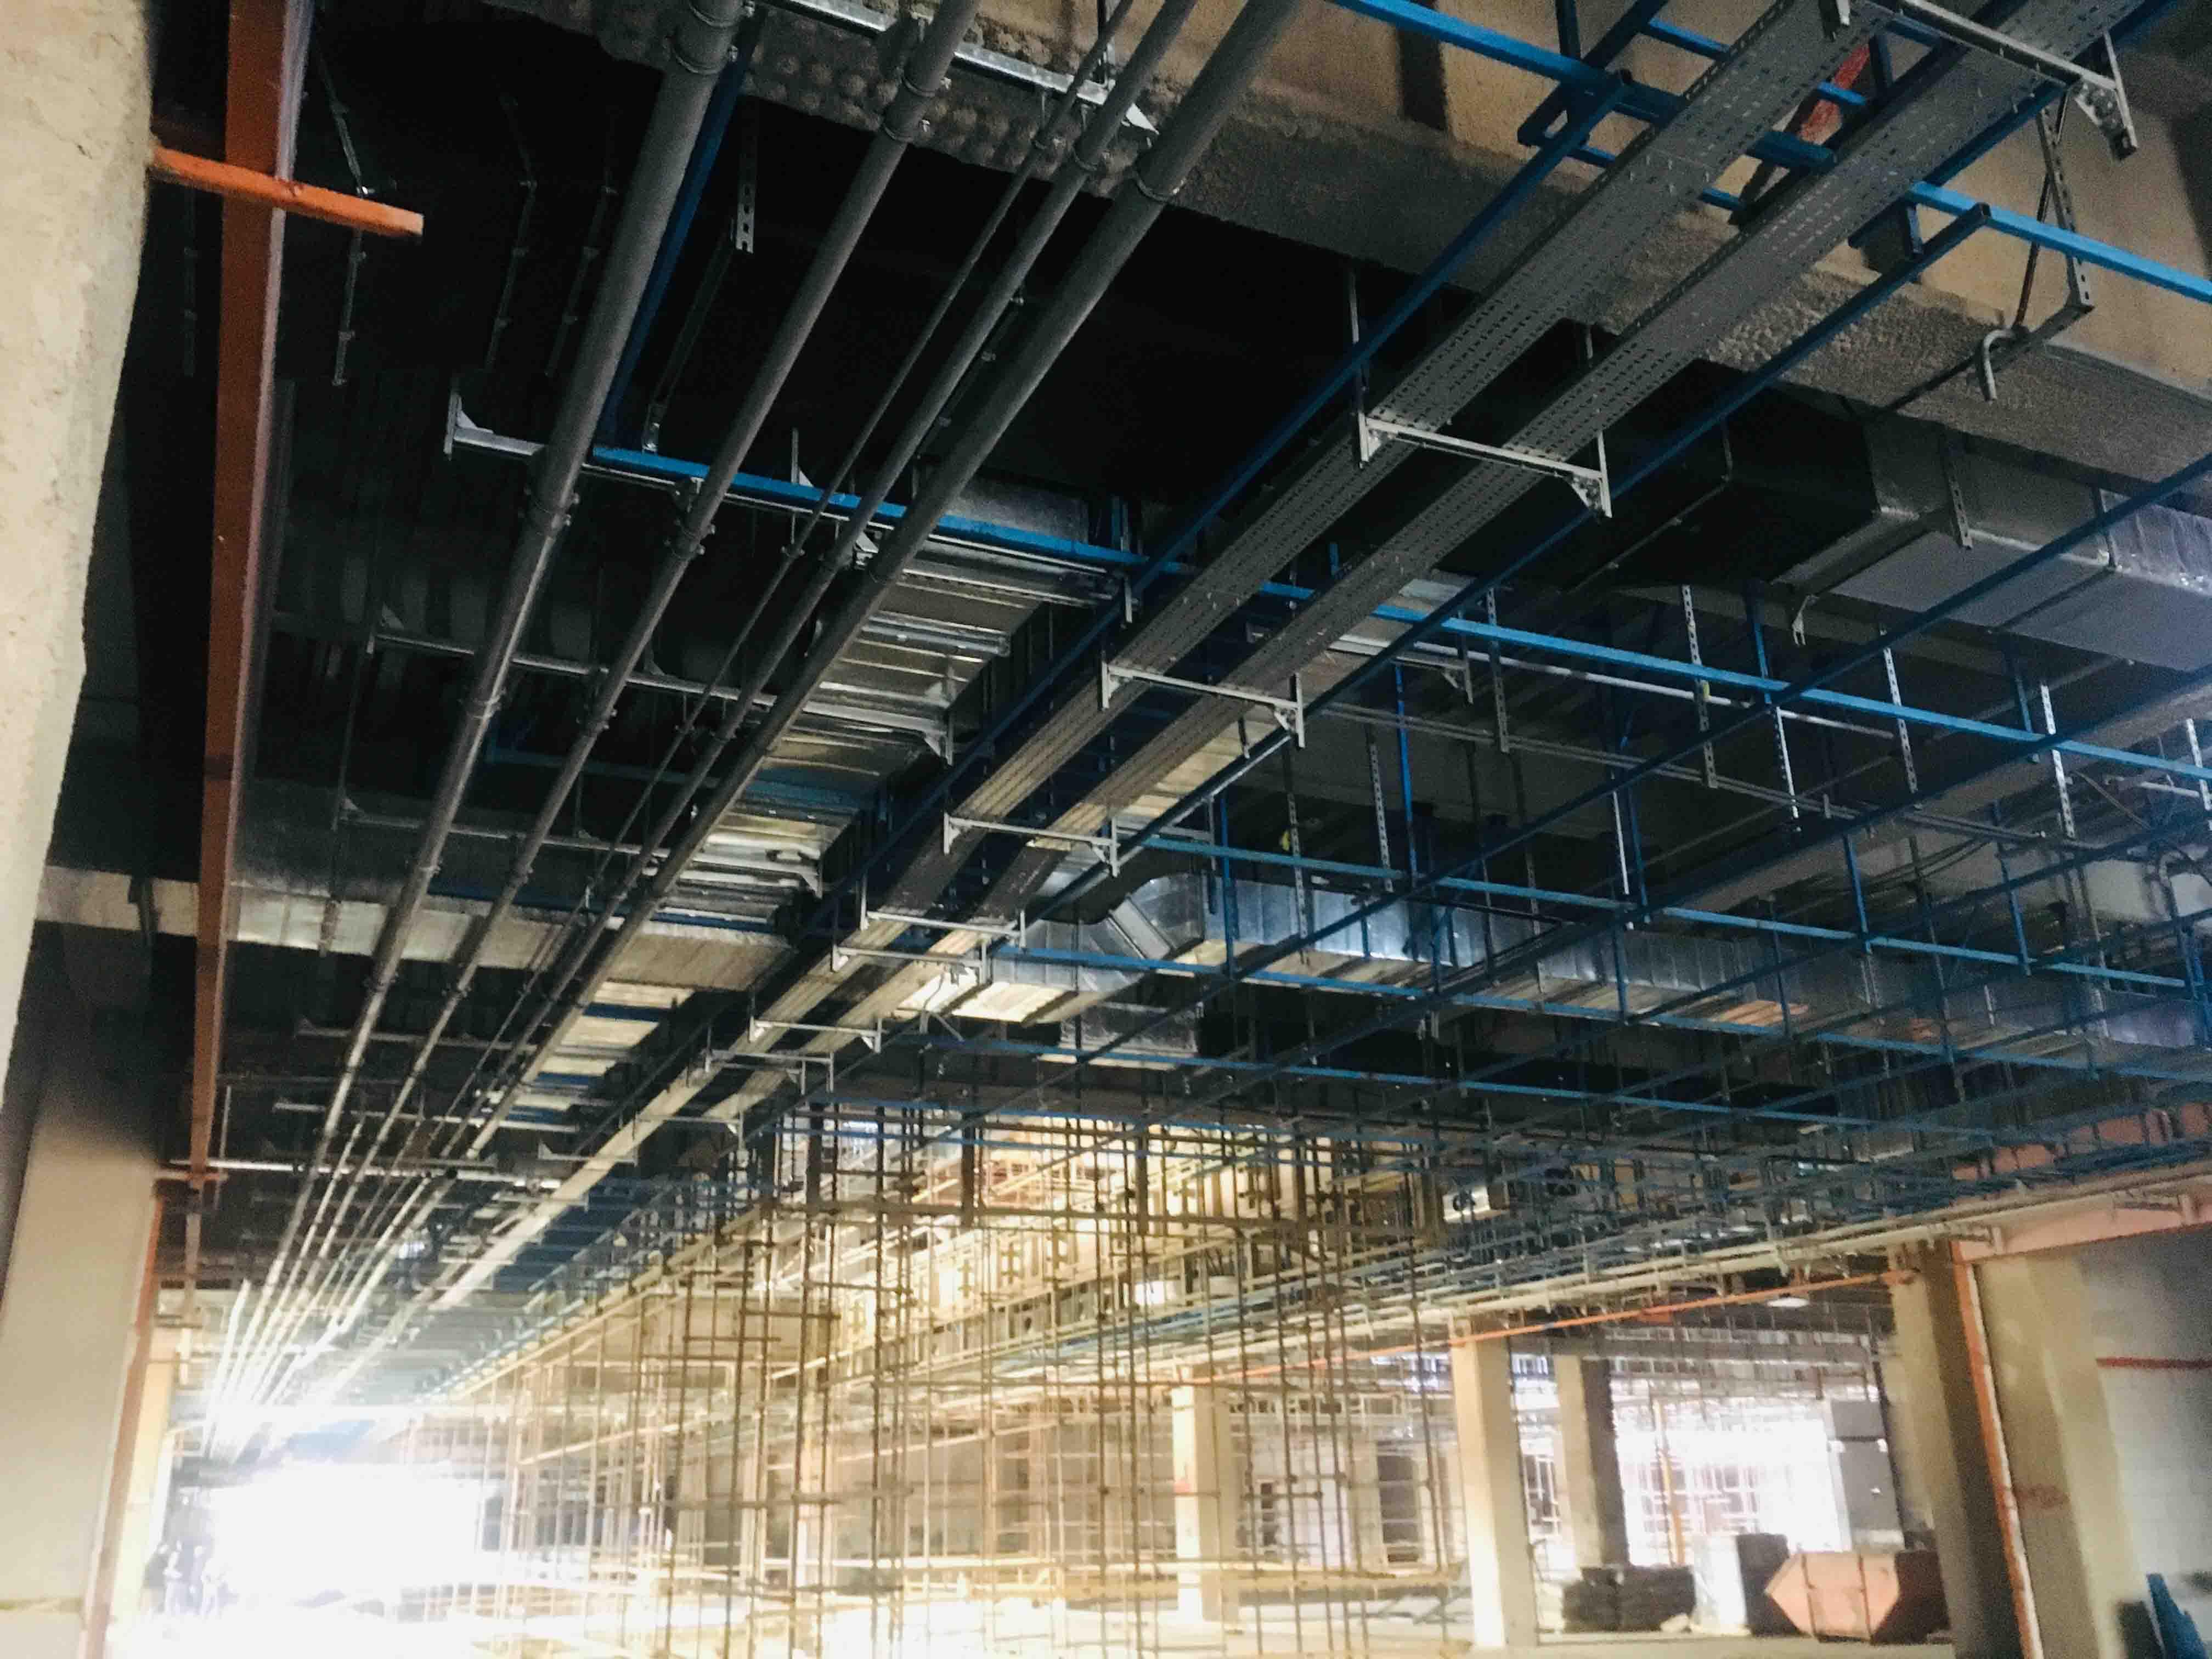 طراحی، تامین و اجرای عملیات نازک کاری، تاسیسات مکانیکی و الکتریکی پروژه بزرگ مشهد مال